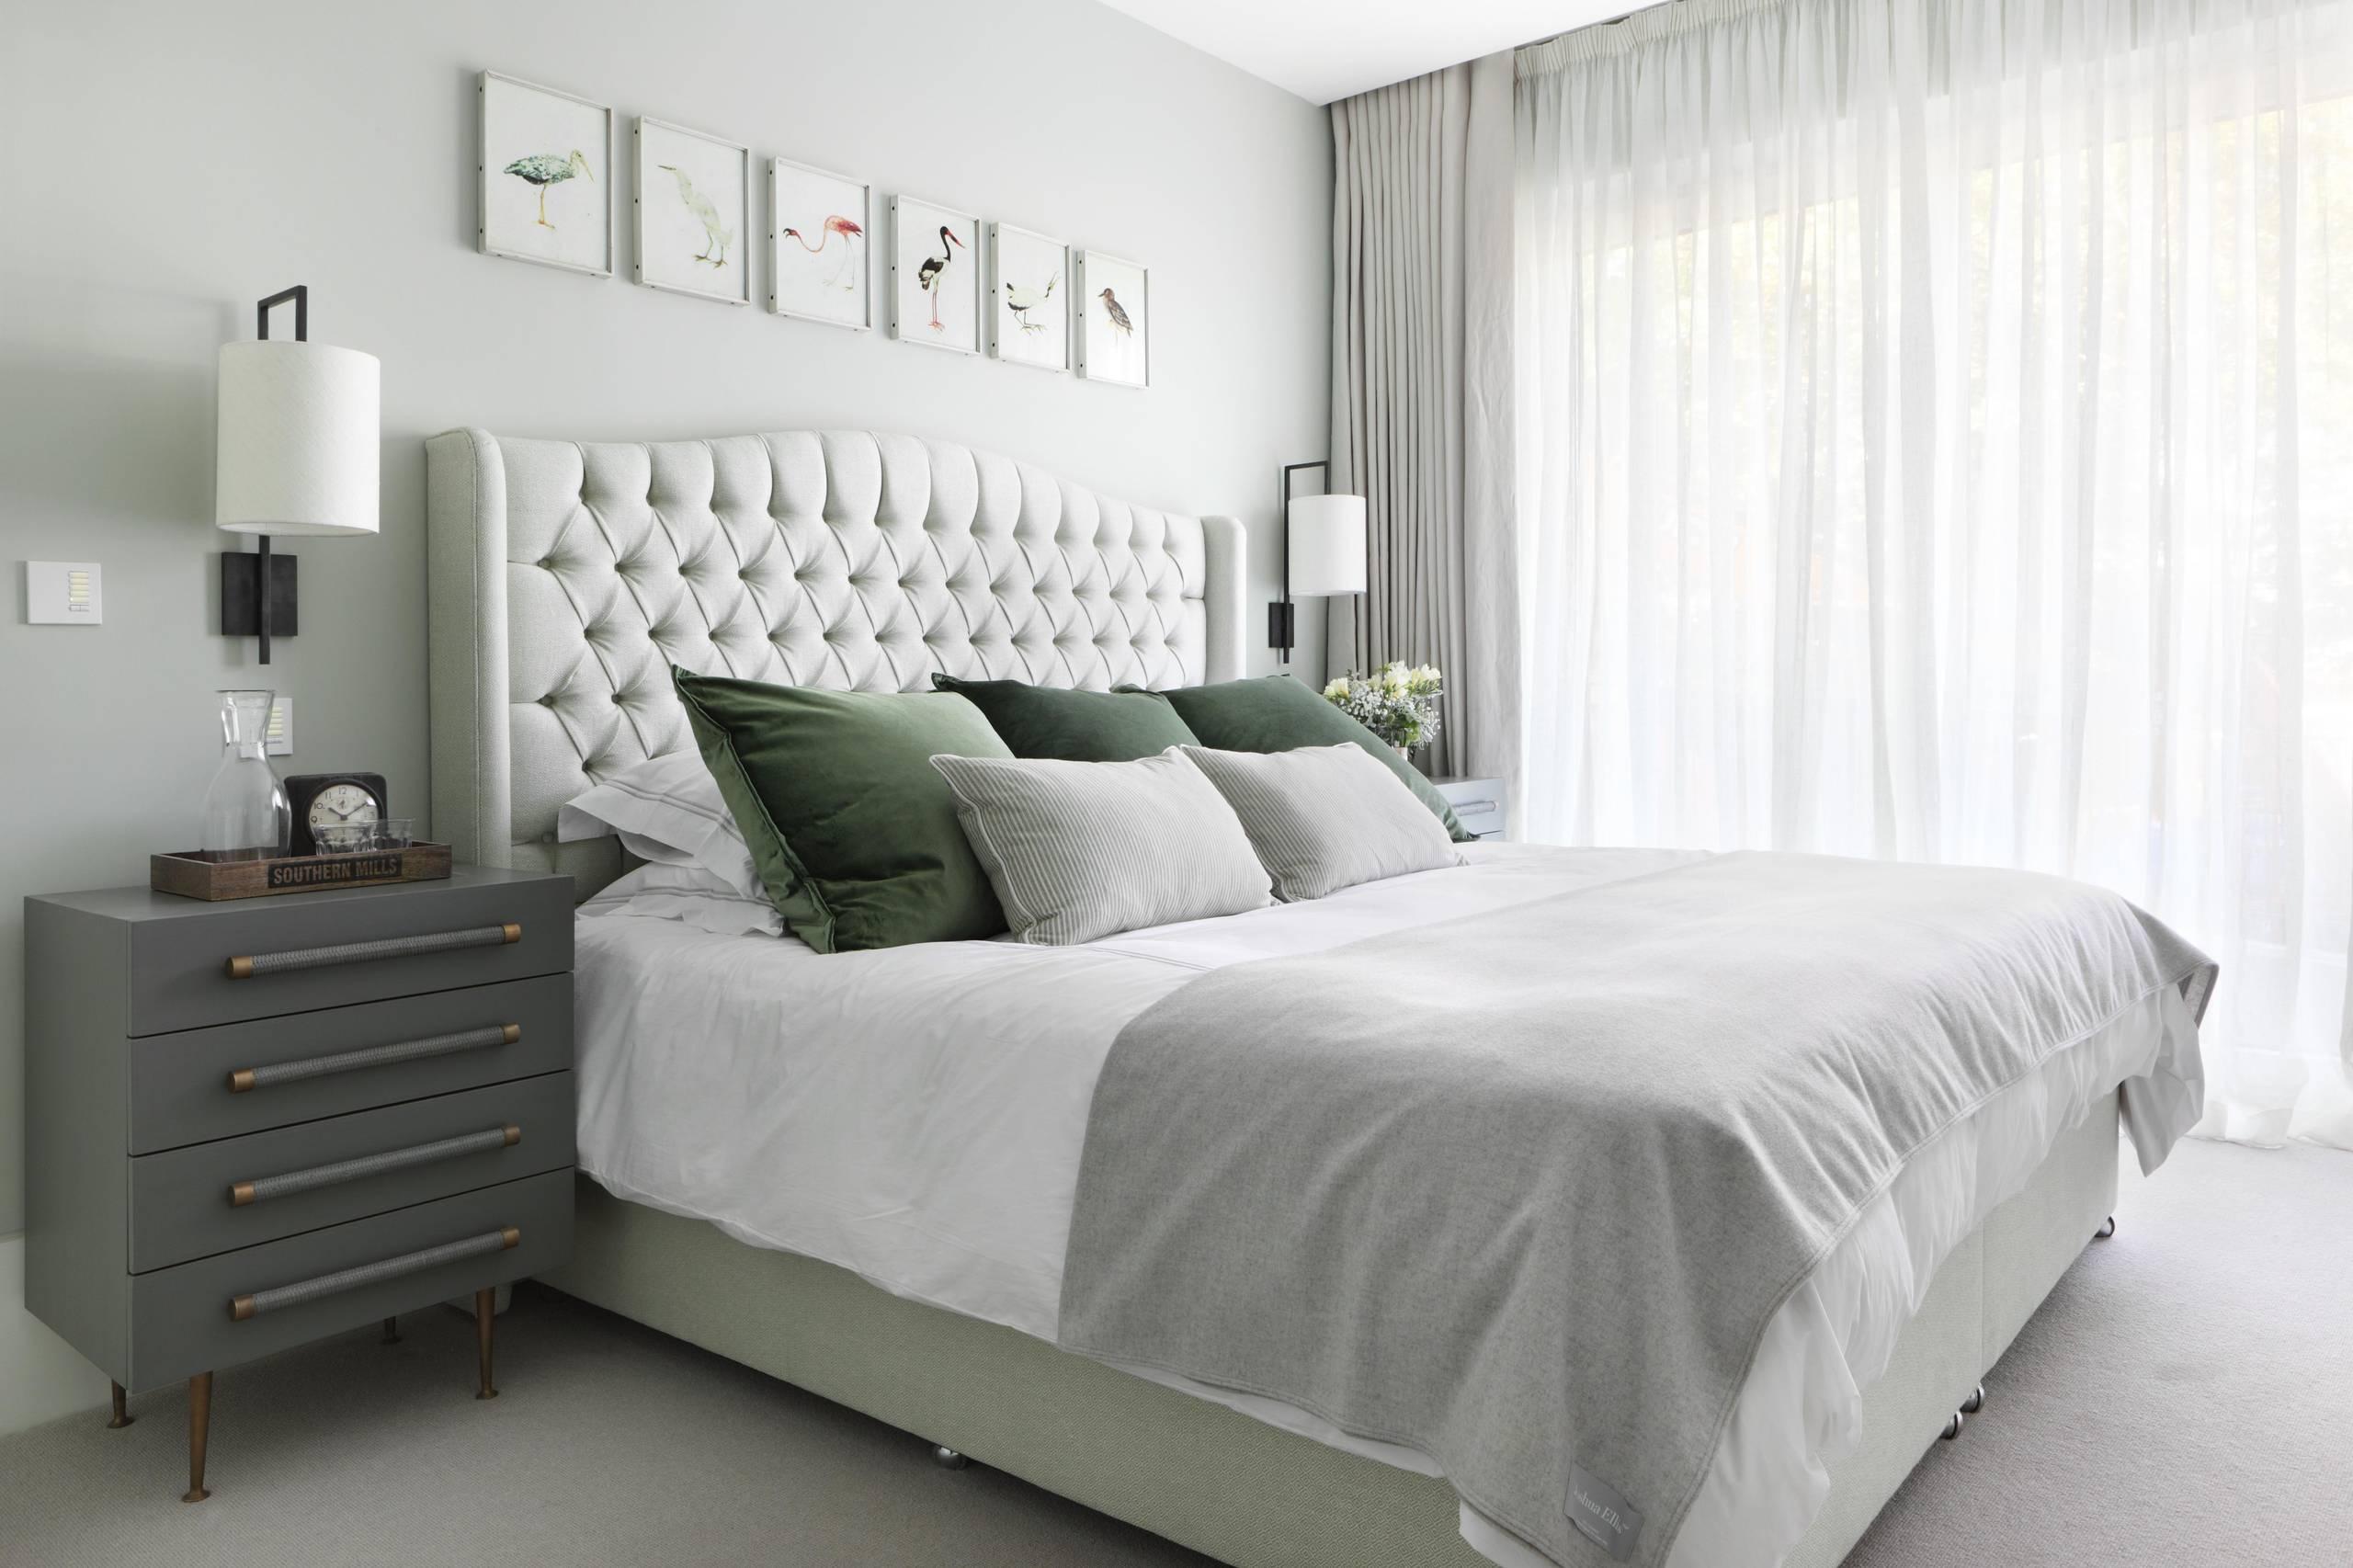 Spavaća soba uredjena prema tonovima iz palete